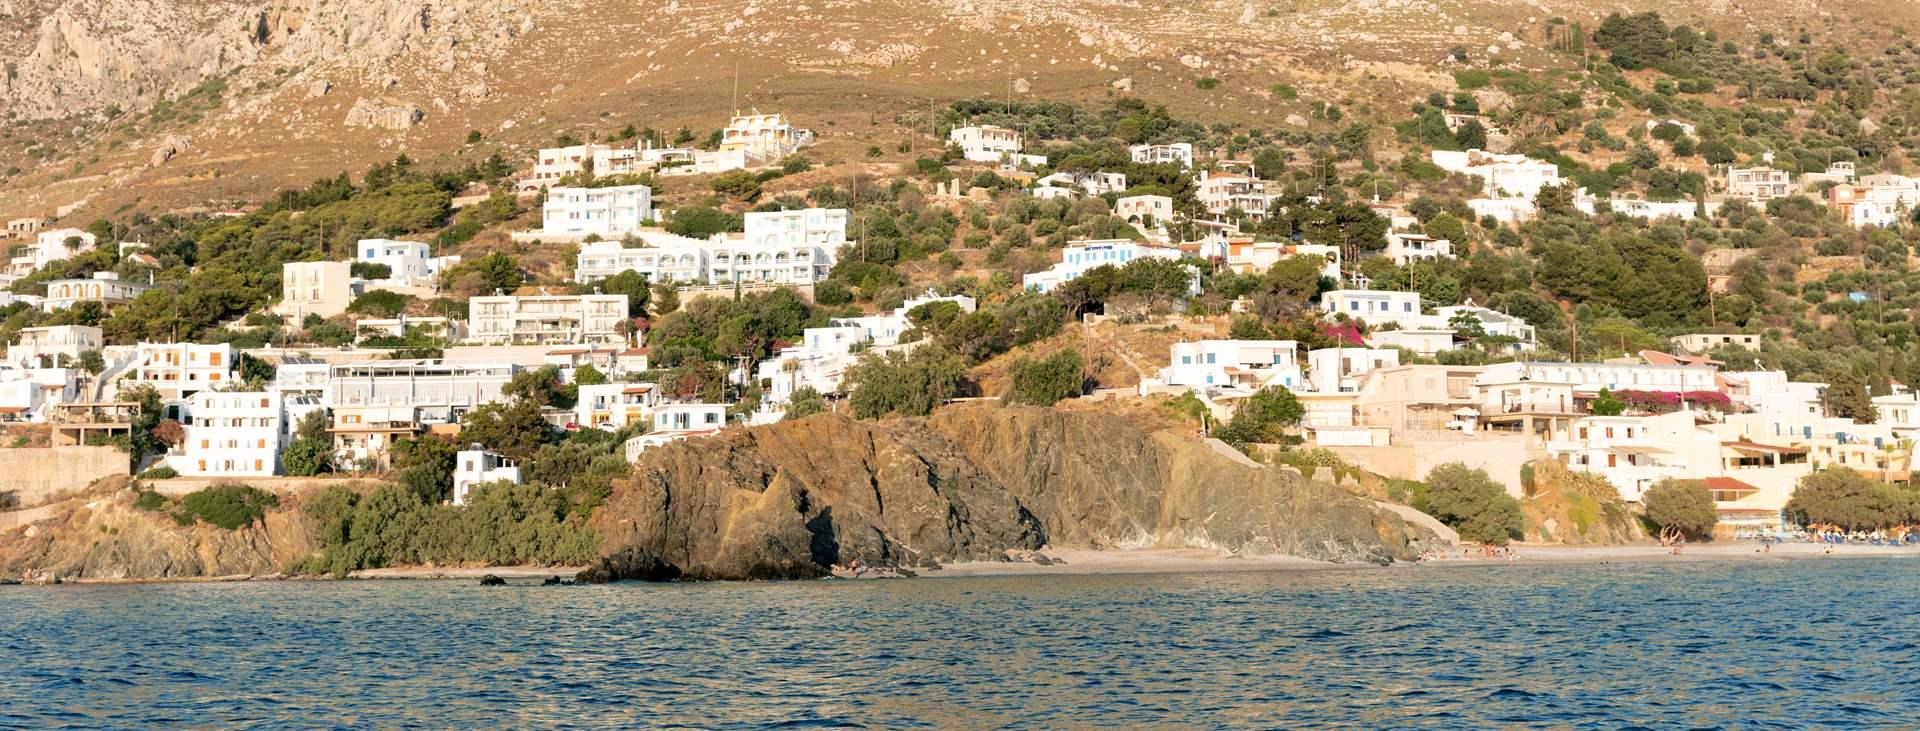 Boka din resa till Kalymnos i Grekland med Ving